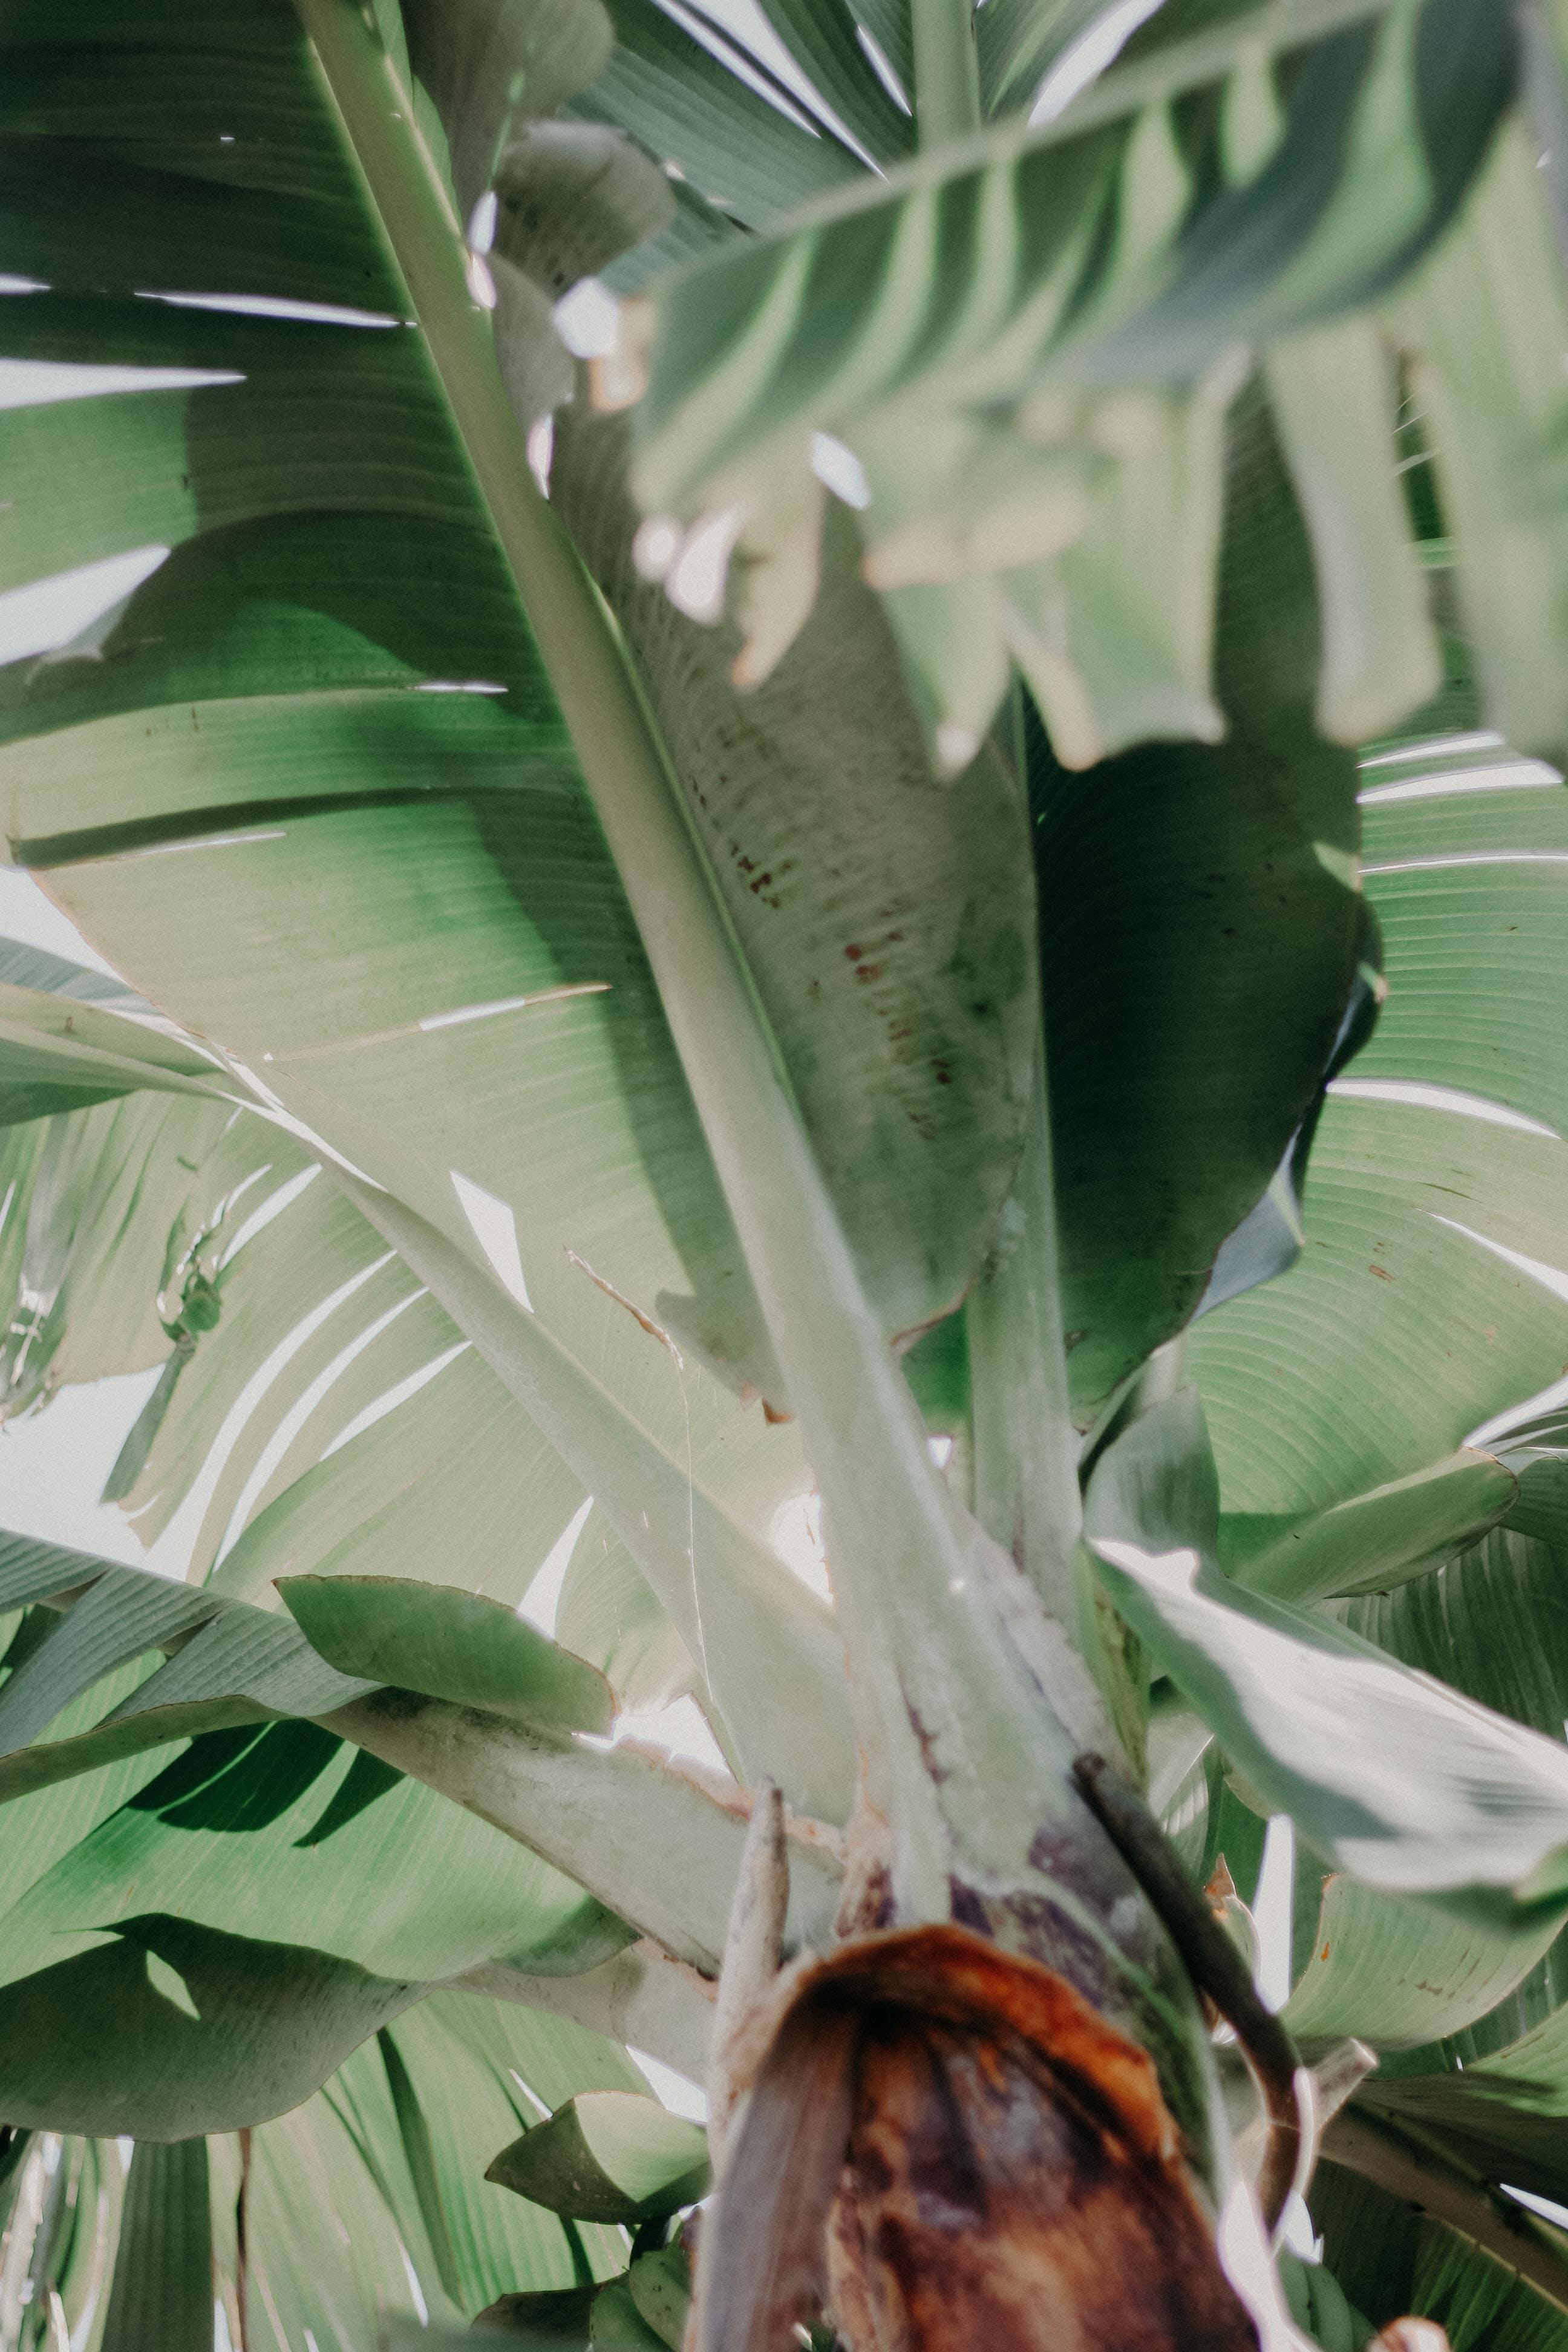 Kostenloses Stock Foto zu banane, bananenbaum, bäume, blätter